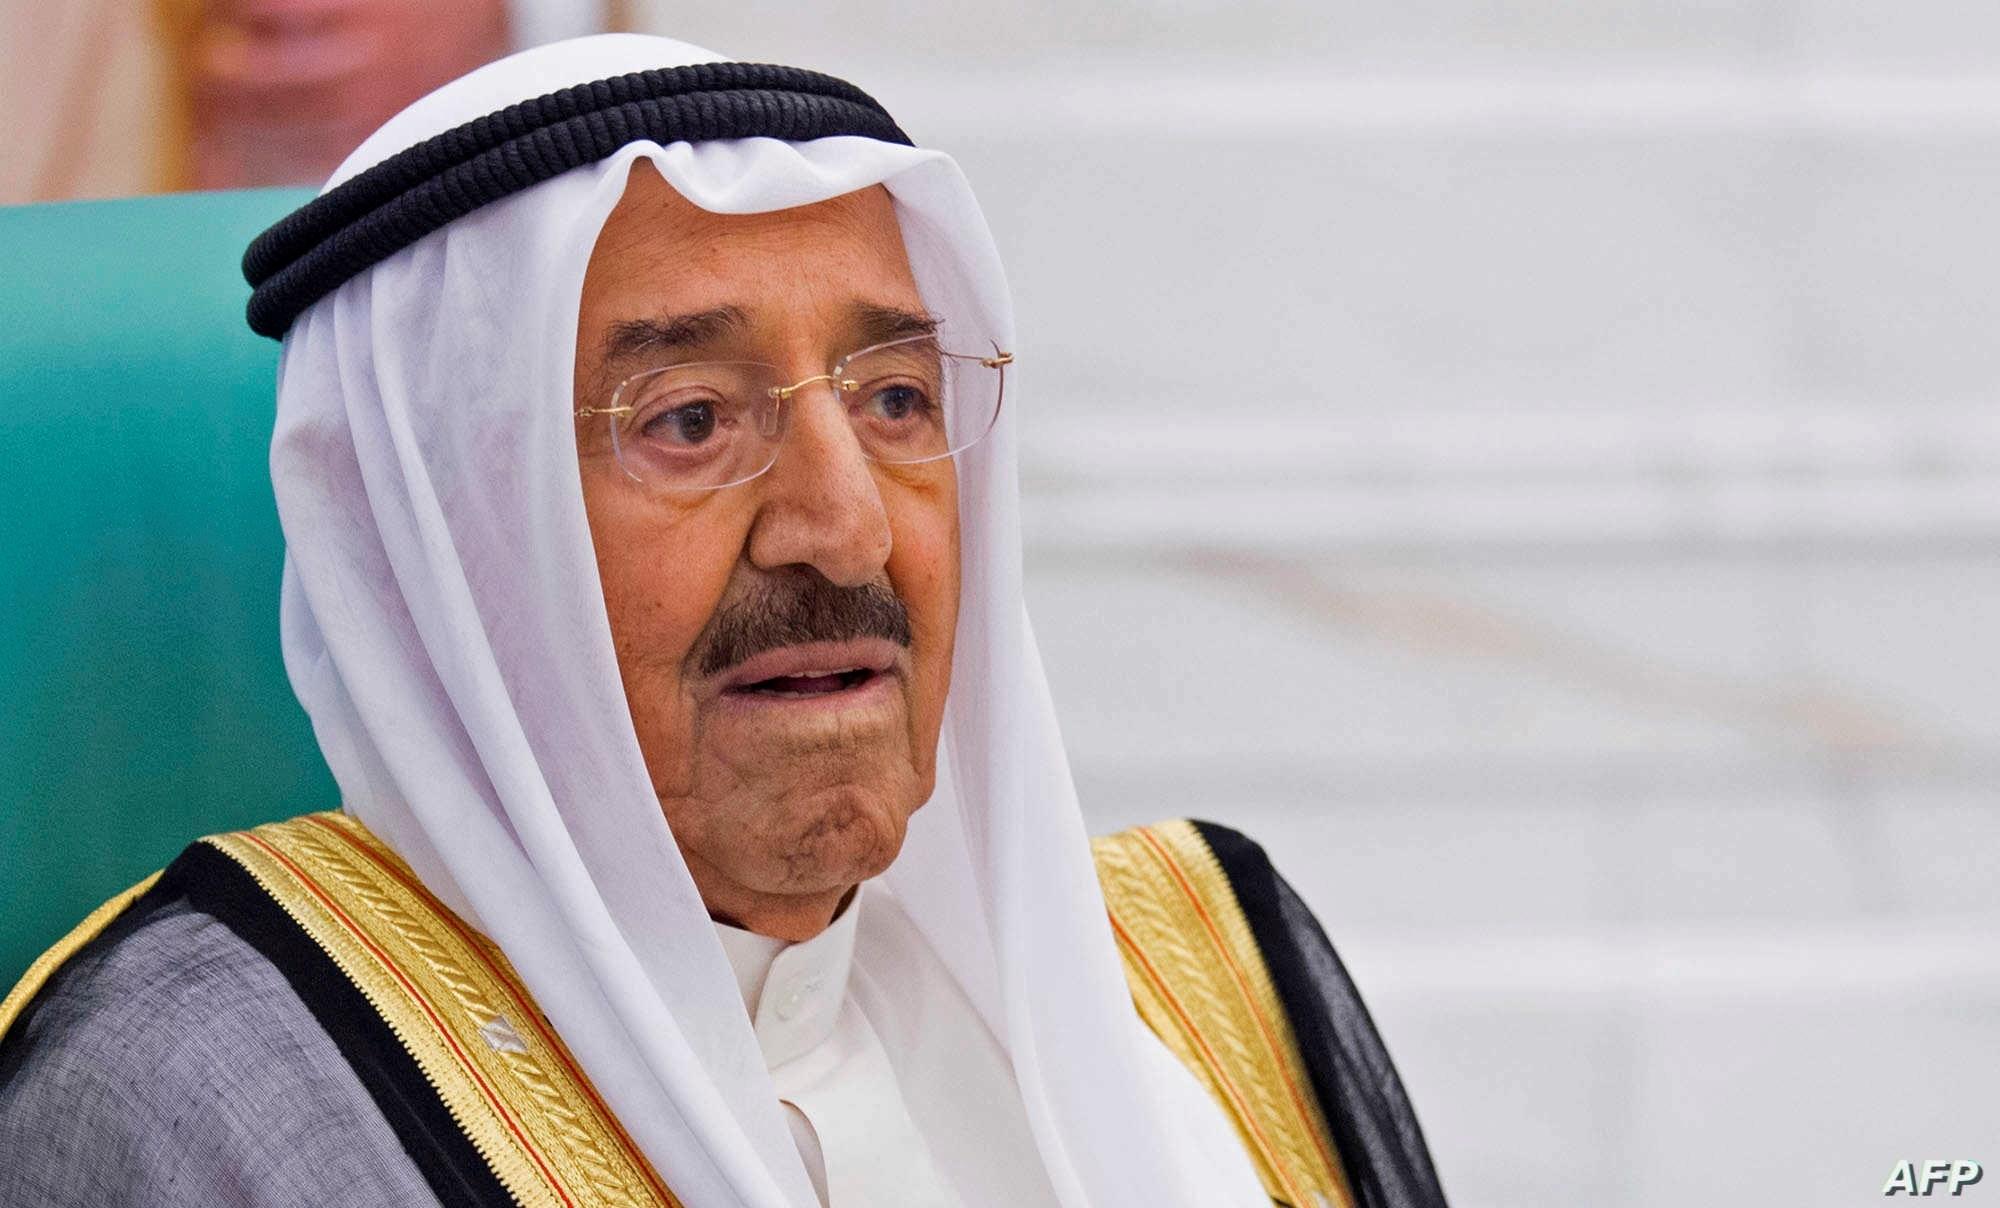 كونا: الشيخ صباح سيخضع لمجموعة من الفحوص الطبية